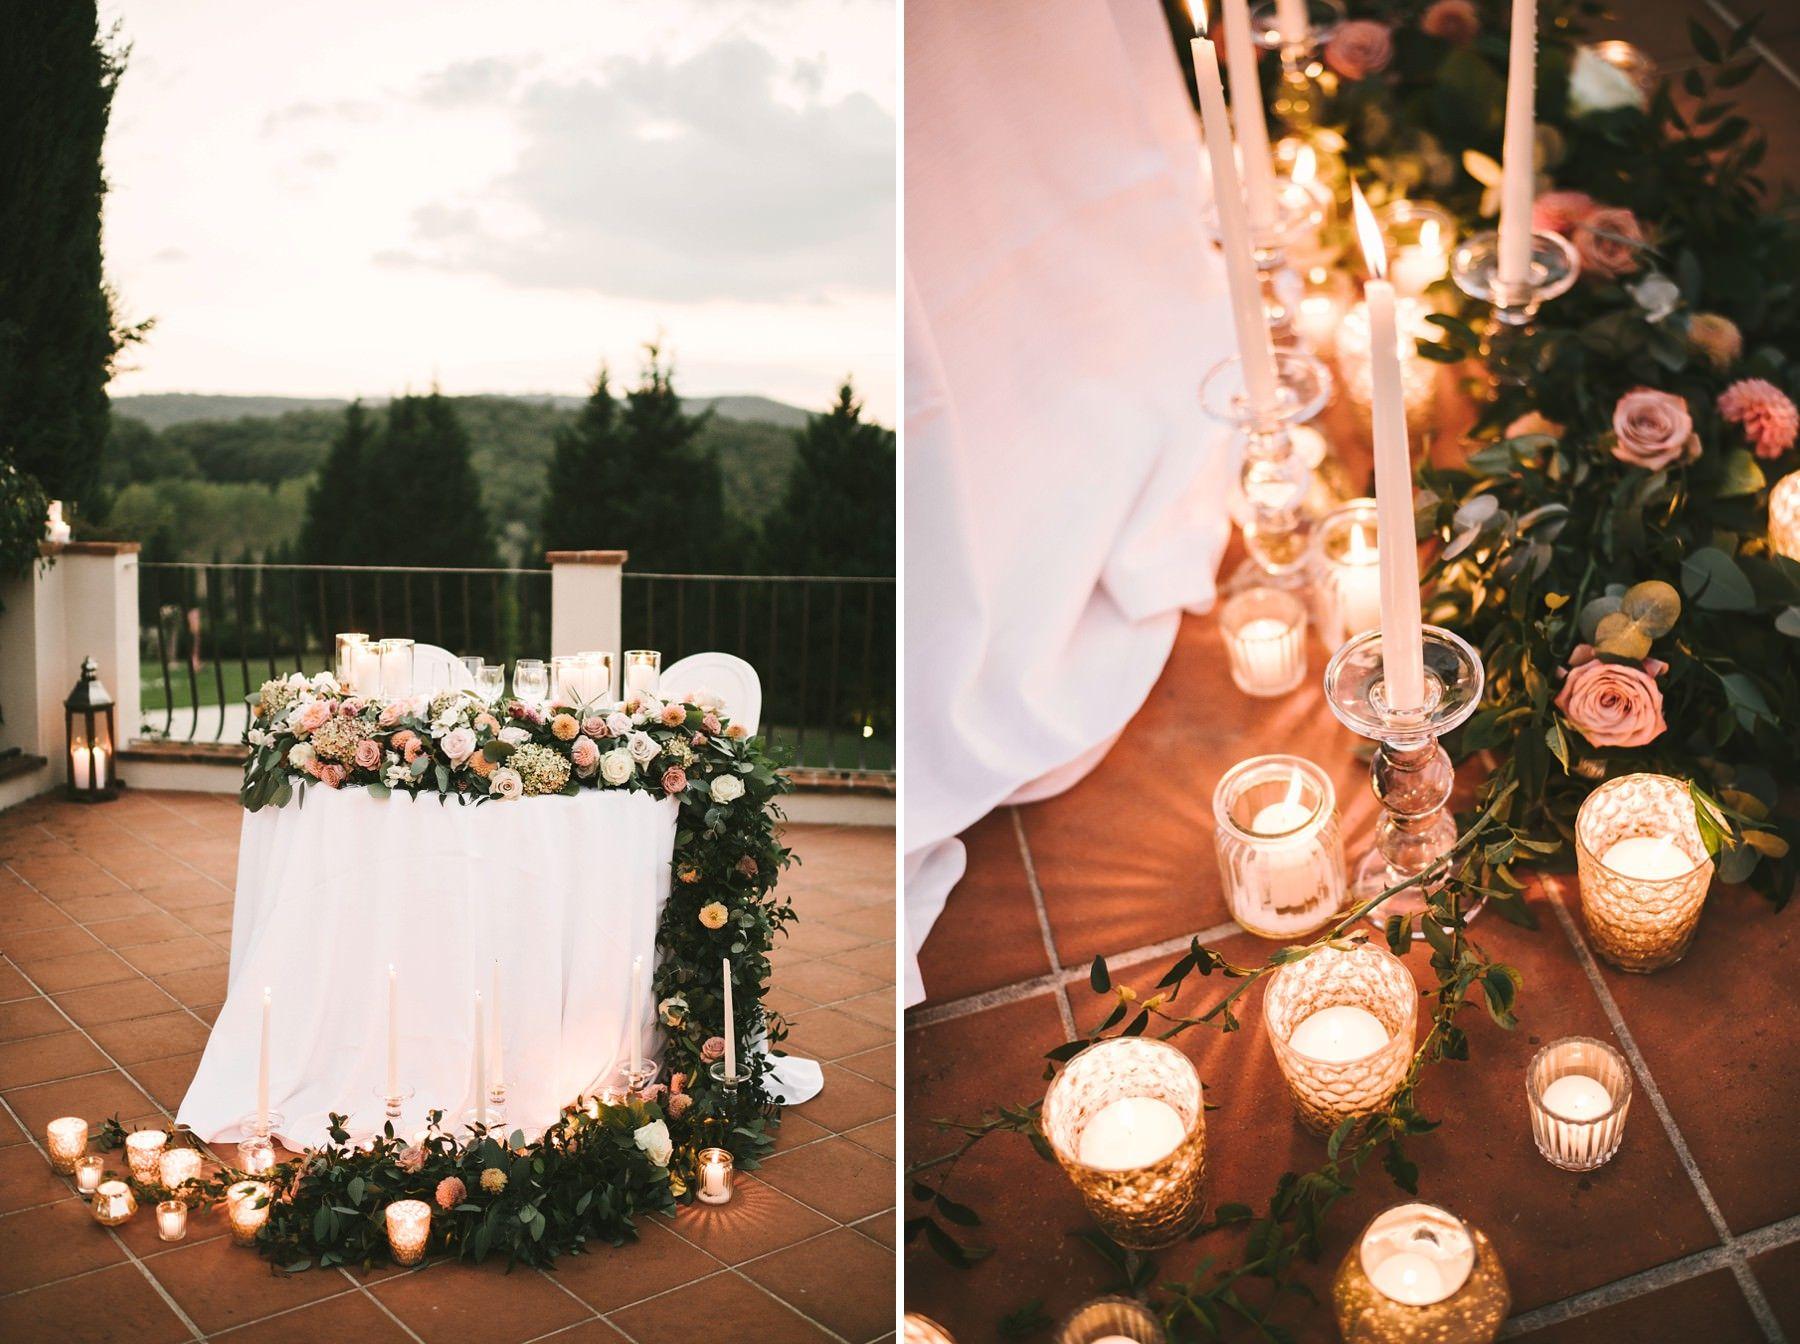 A Wonderful Elopement In Italy Wedding For Two At Villa La Selva Wine Resort Con Immagini